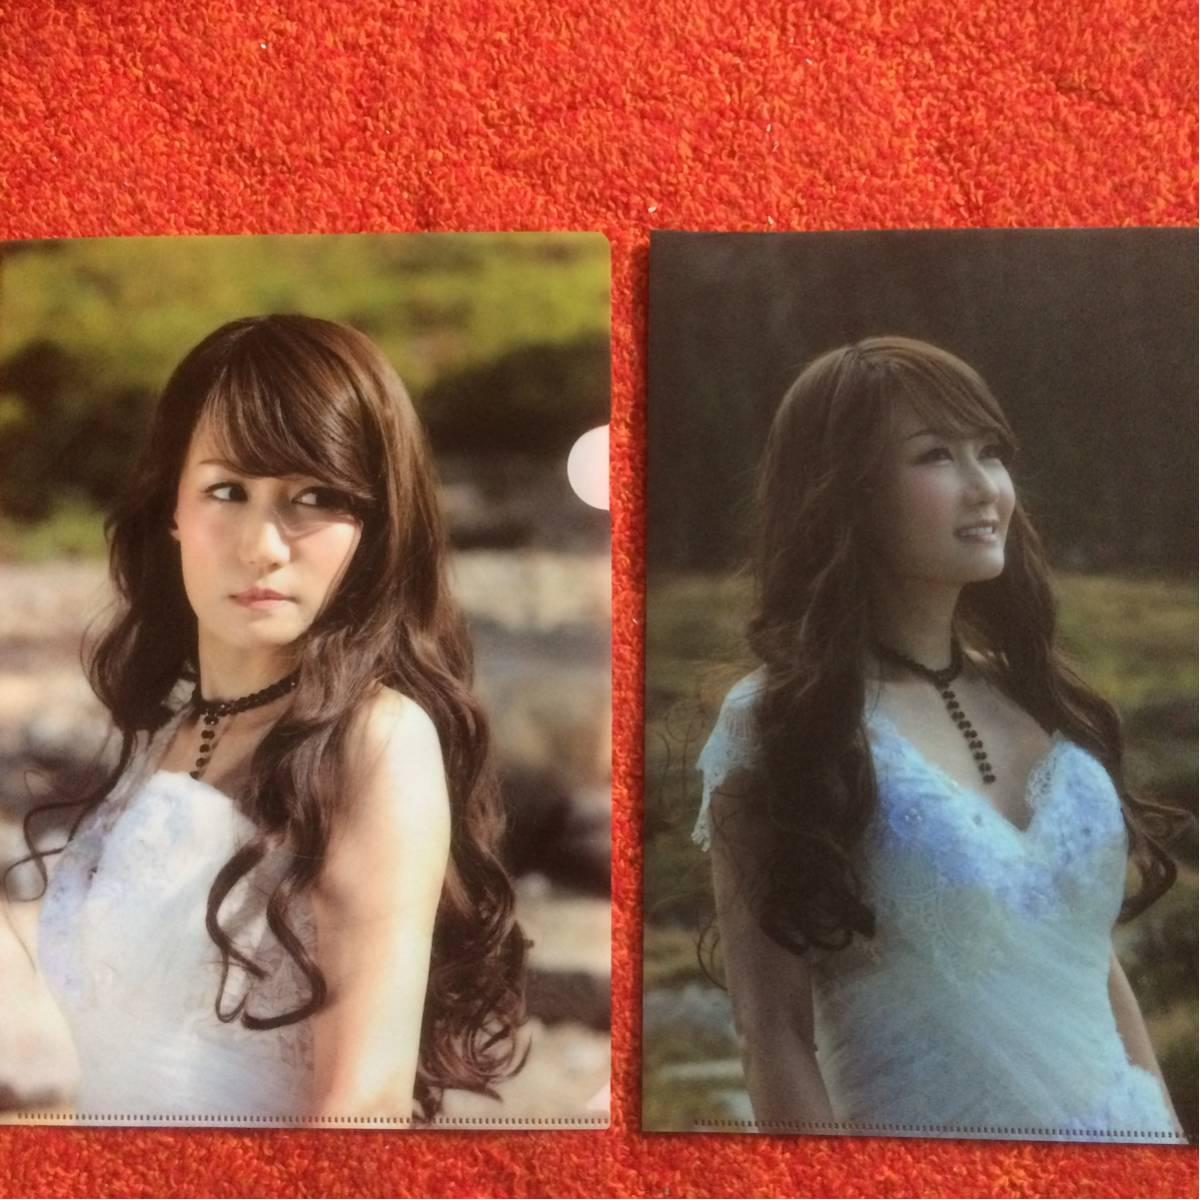 # 浜田麻里さん クリアファイルとポスター ライブグッズの画像